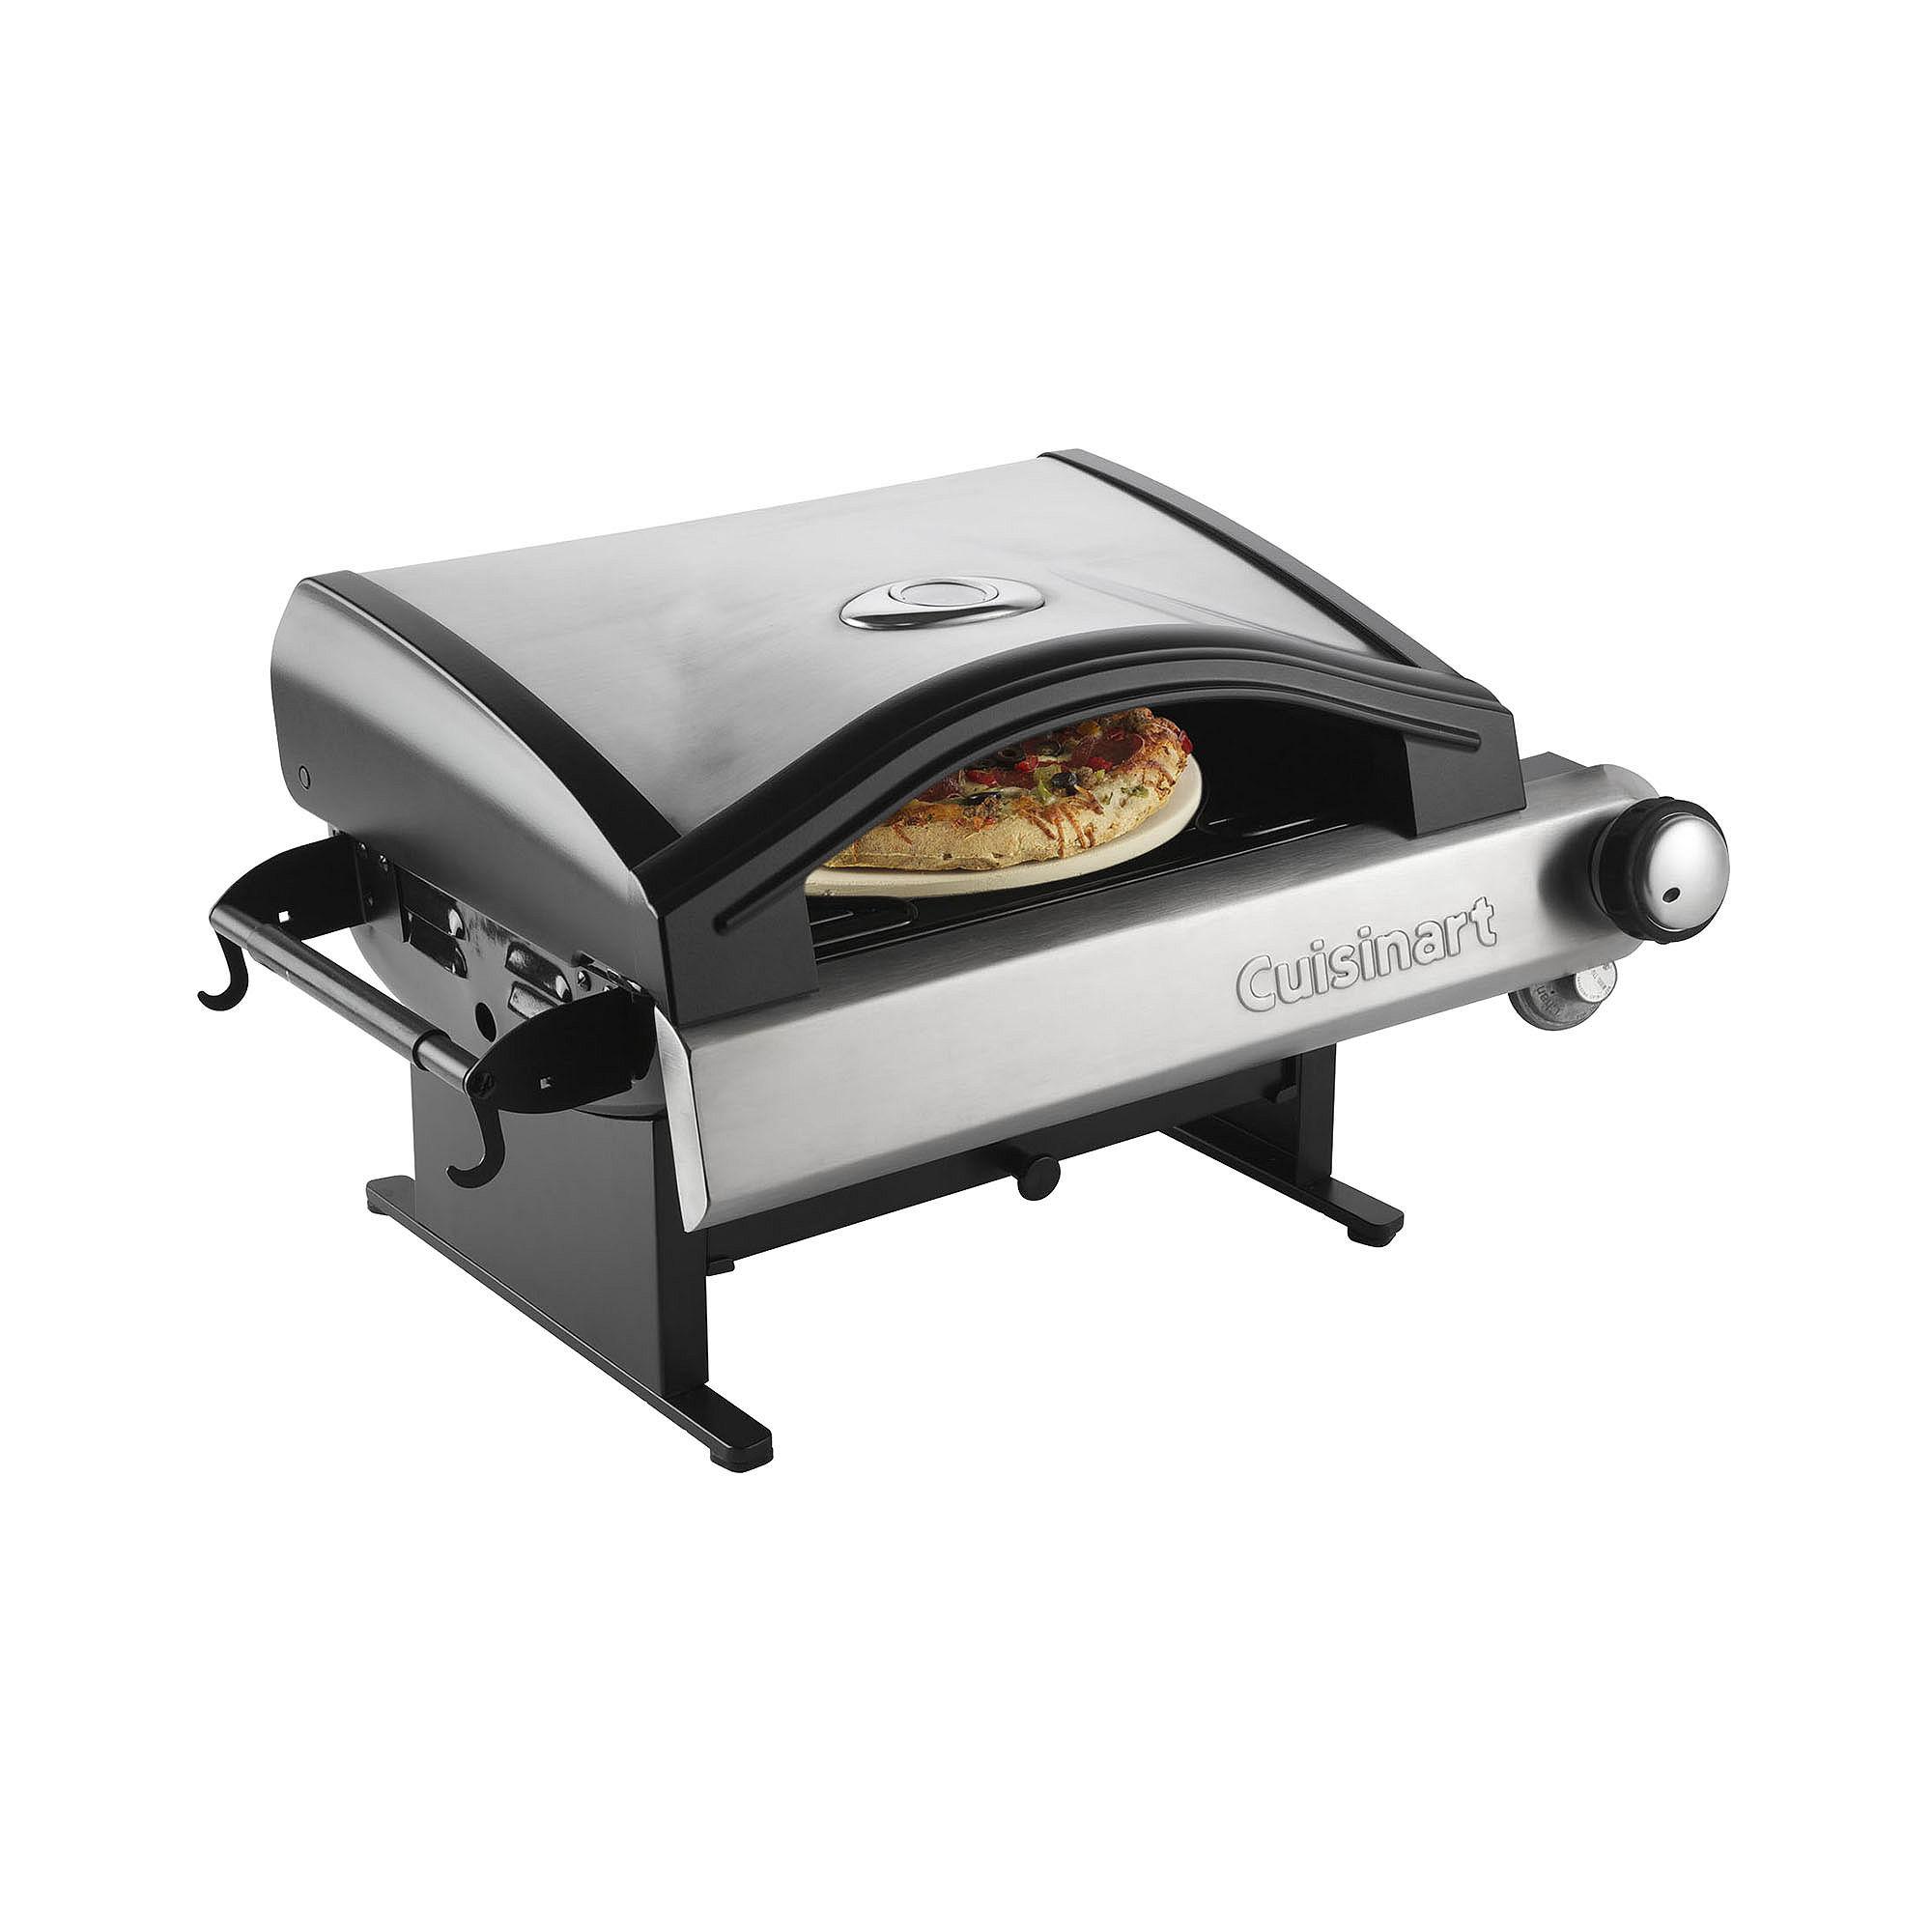 Cuisinart Alfrescamor Outdoor Pizza Oven CPO-600